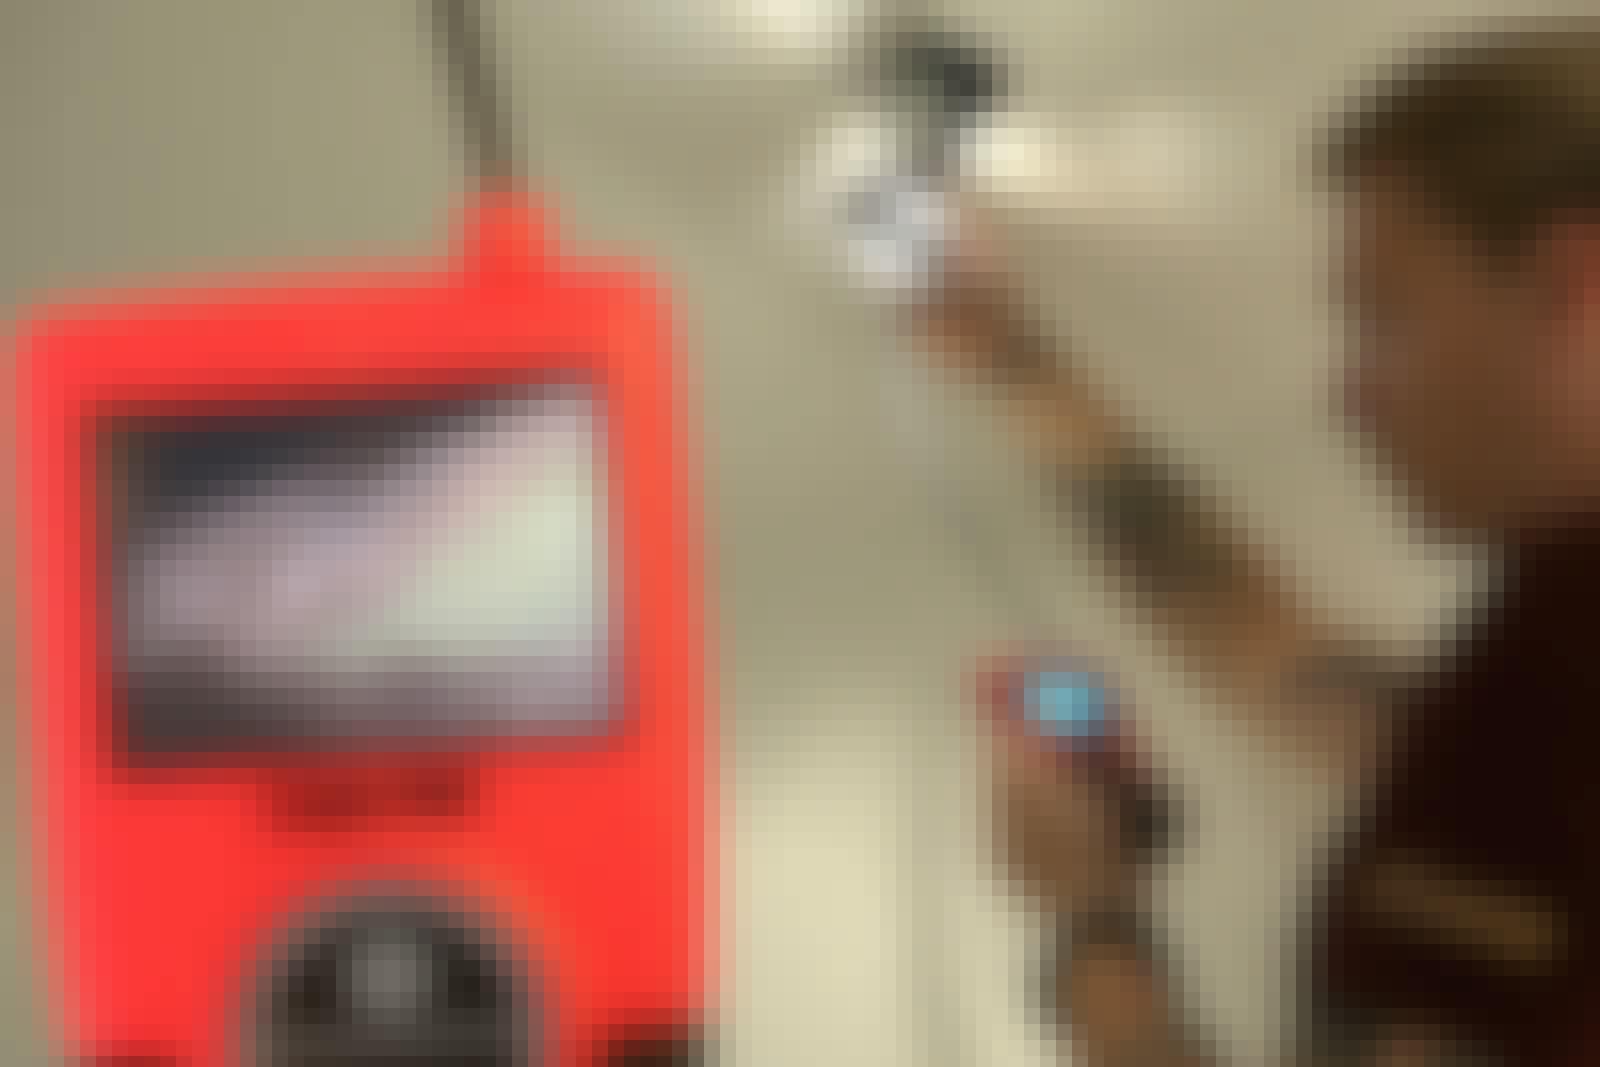 Inspektionskamera: Tjek din isolering med inspektionskamera!